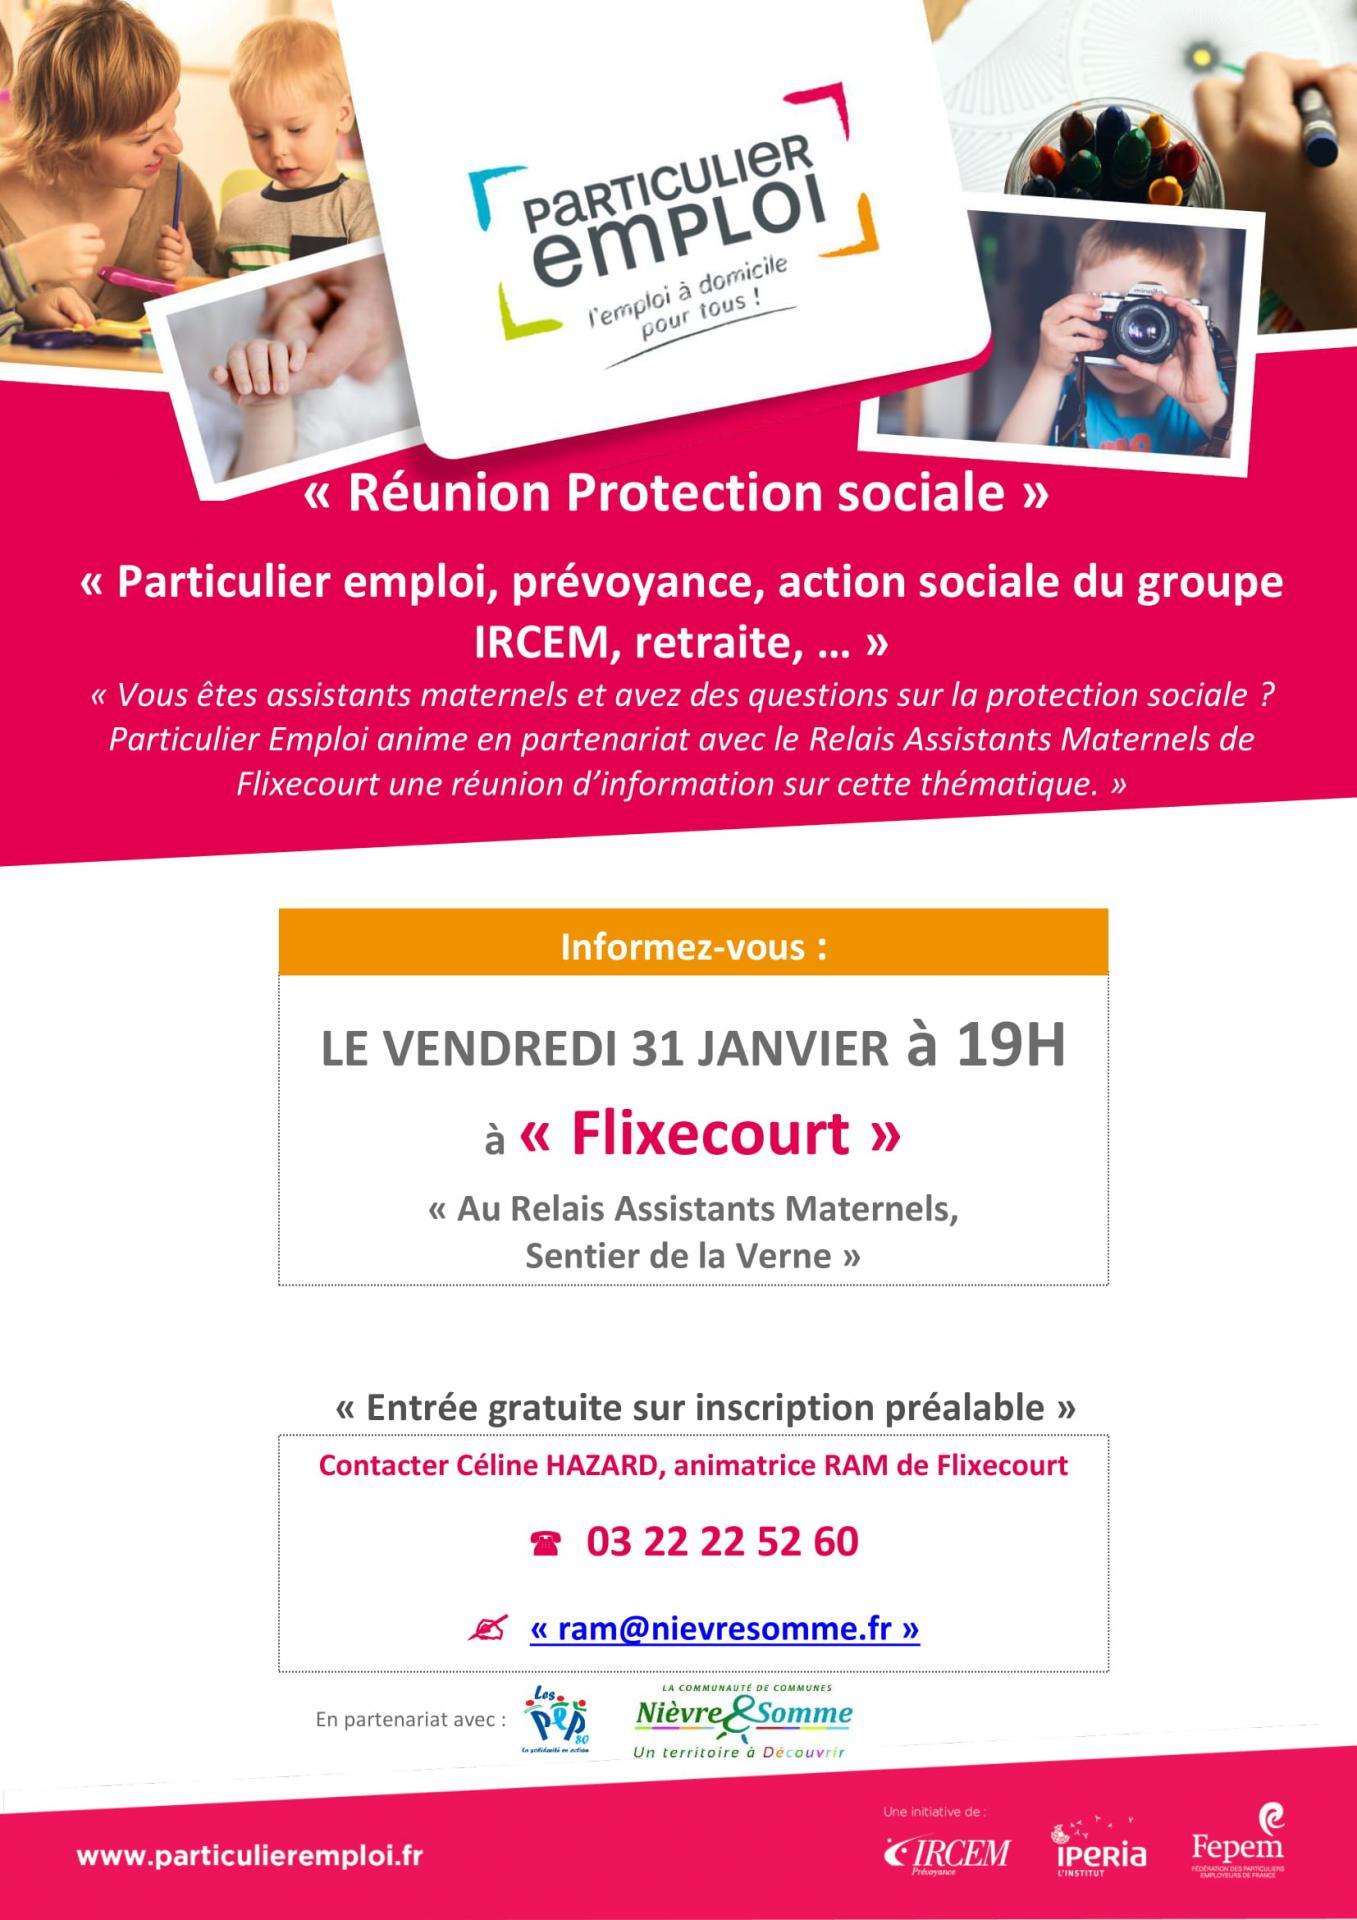 Réunion protection sociale